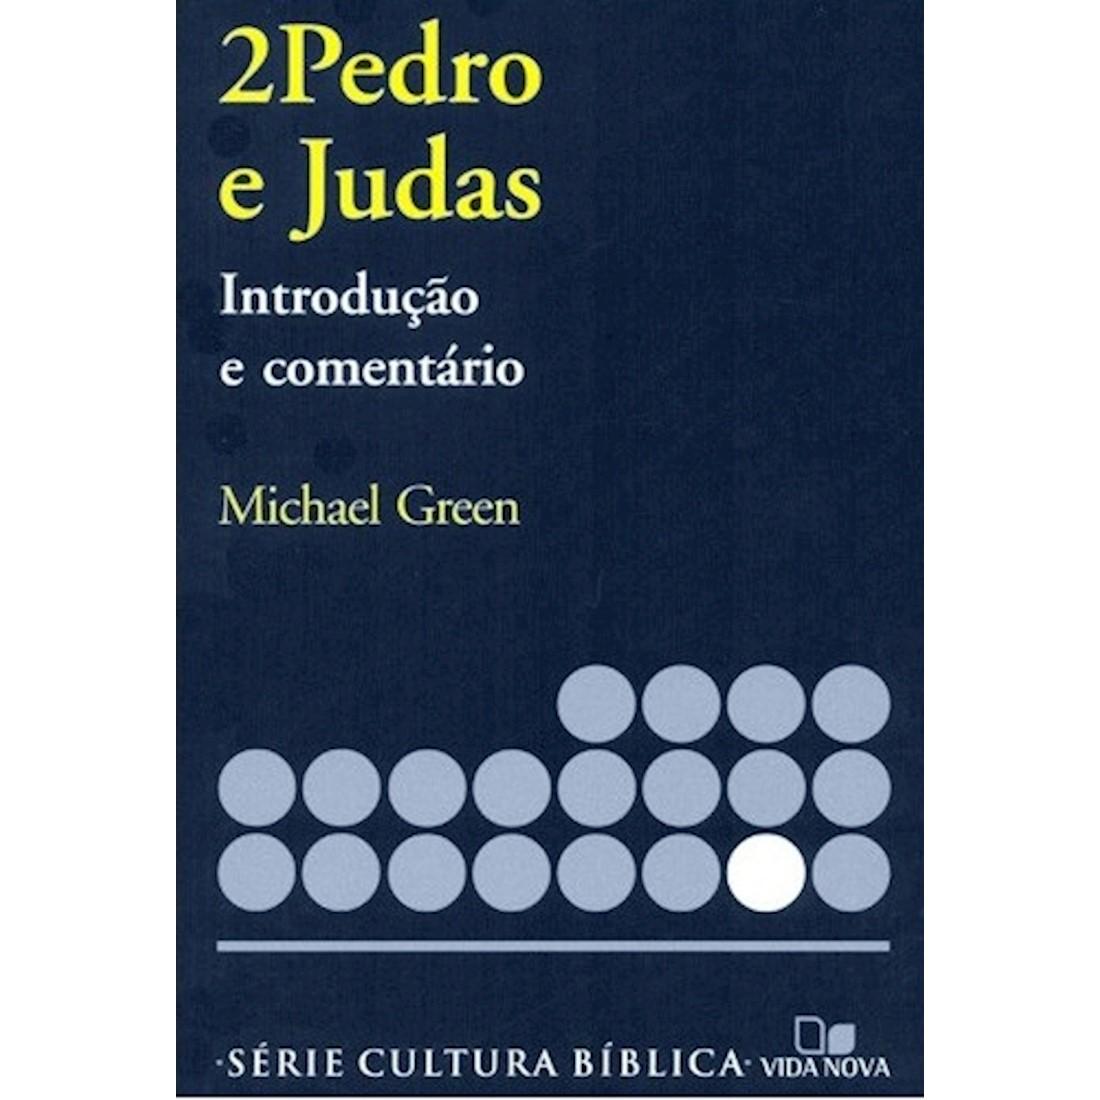 Livro 2 Pedro e Judas - Introdução e Comentário Novo Testamento